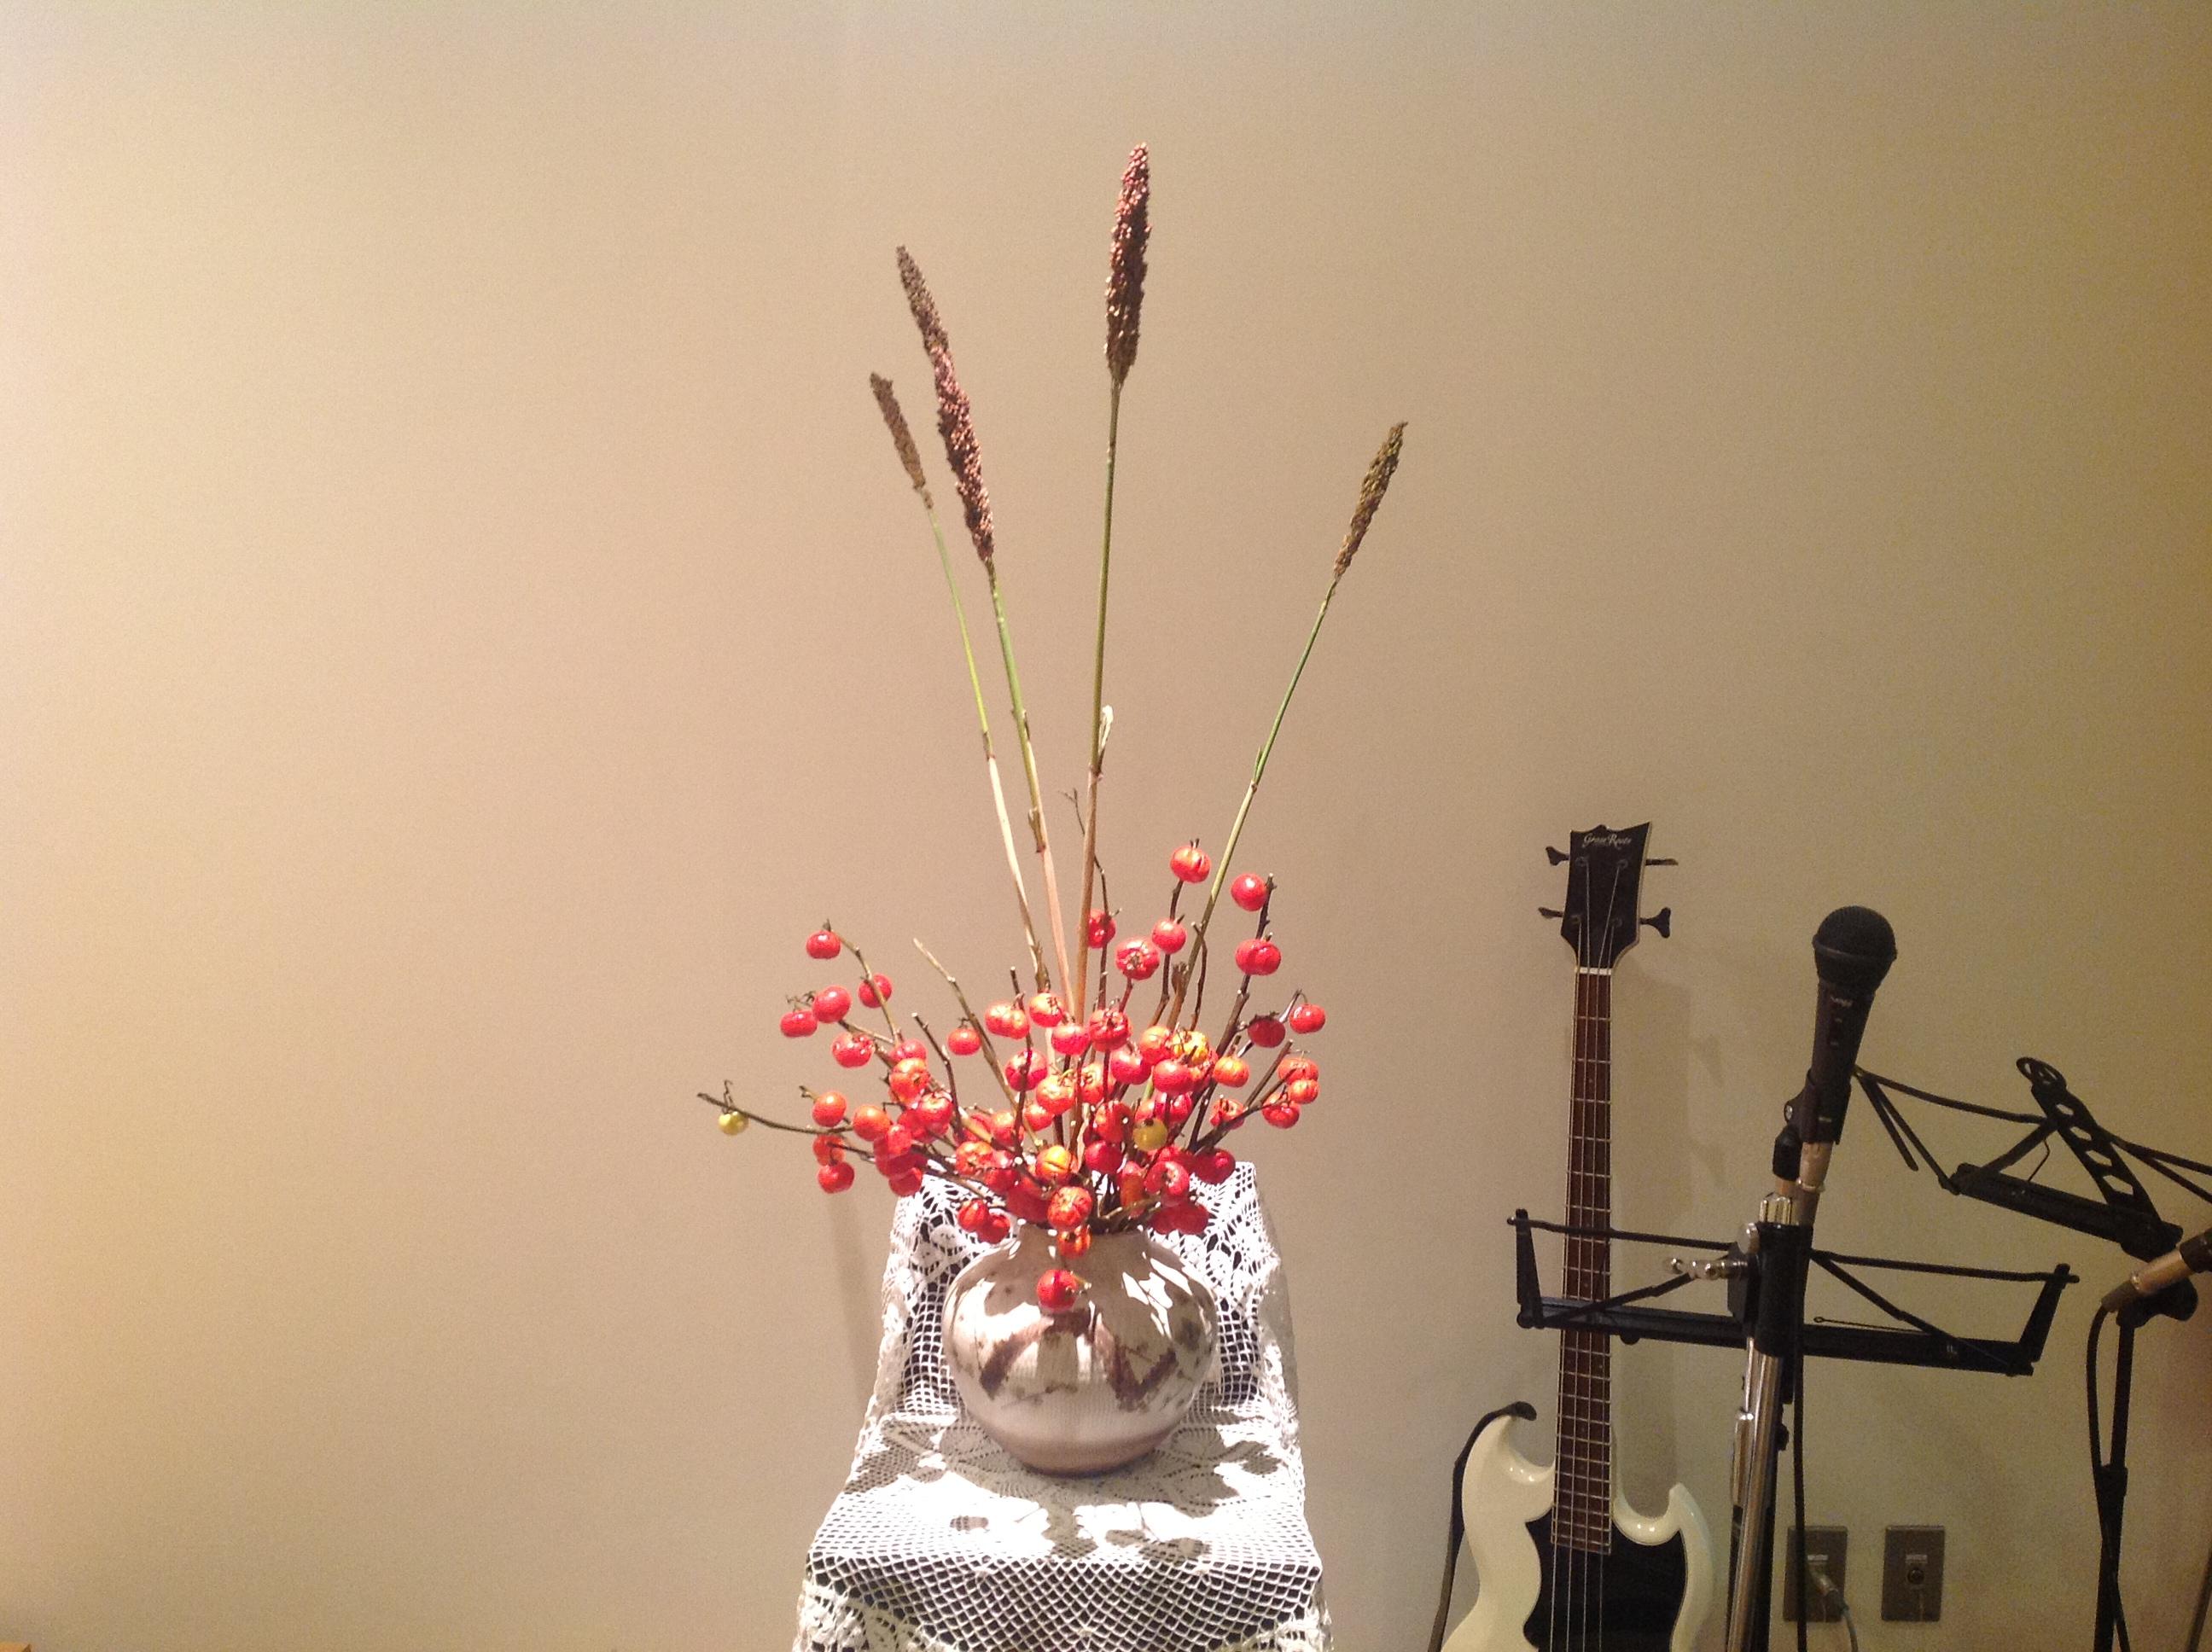 2012/9/30、聖日礼拝のお花